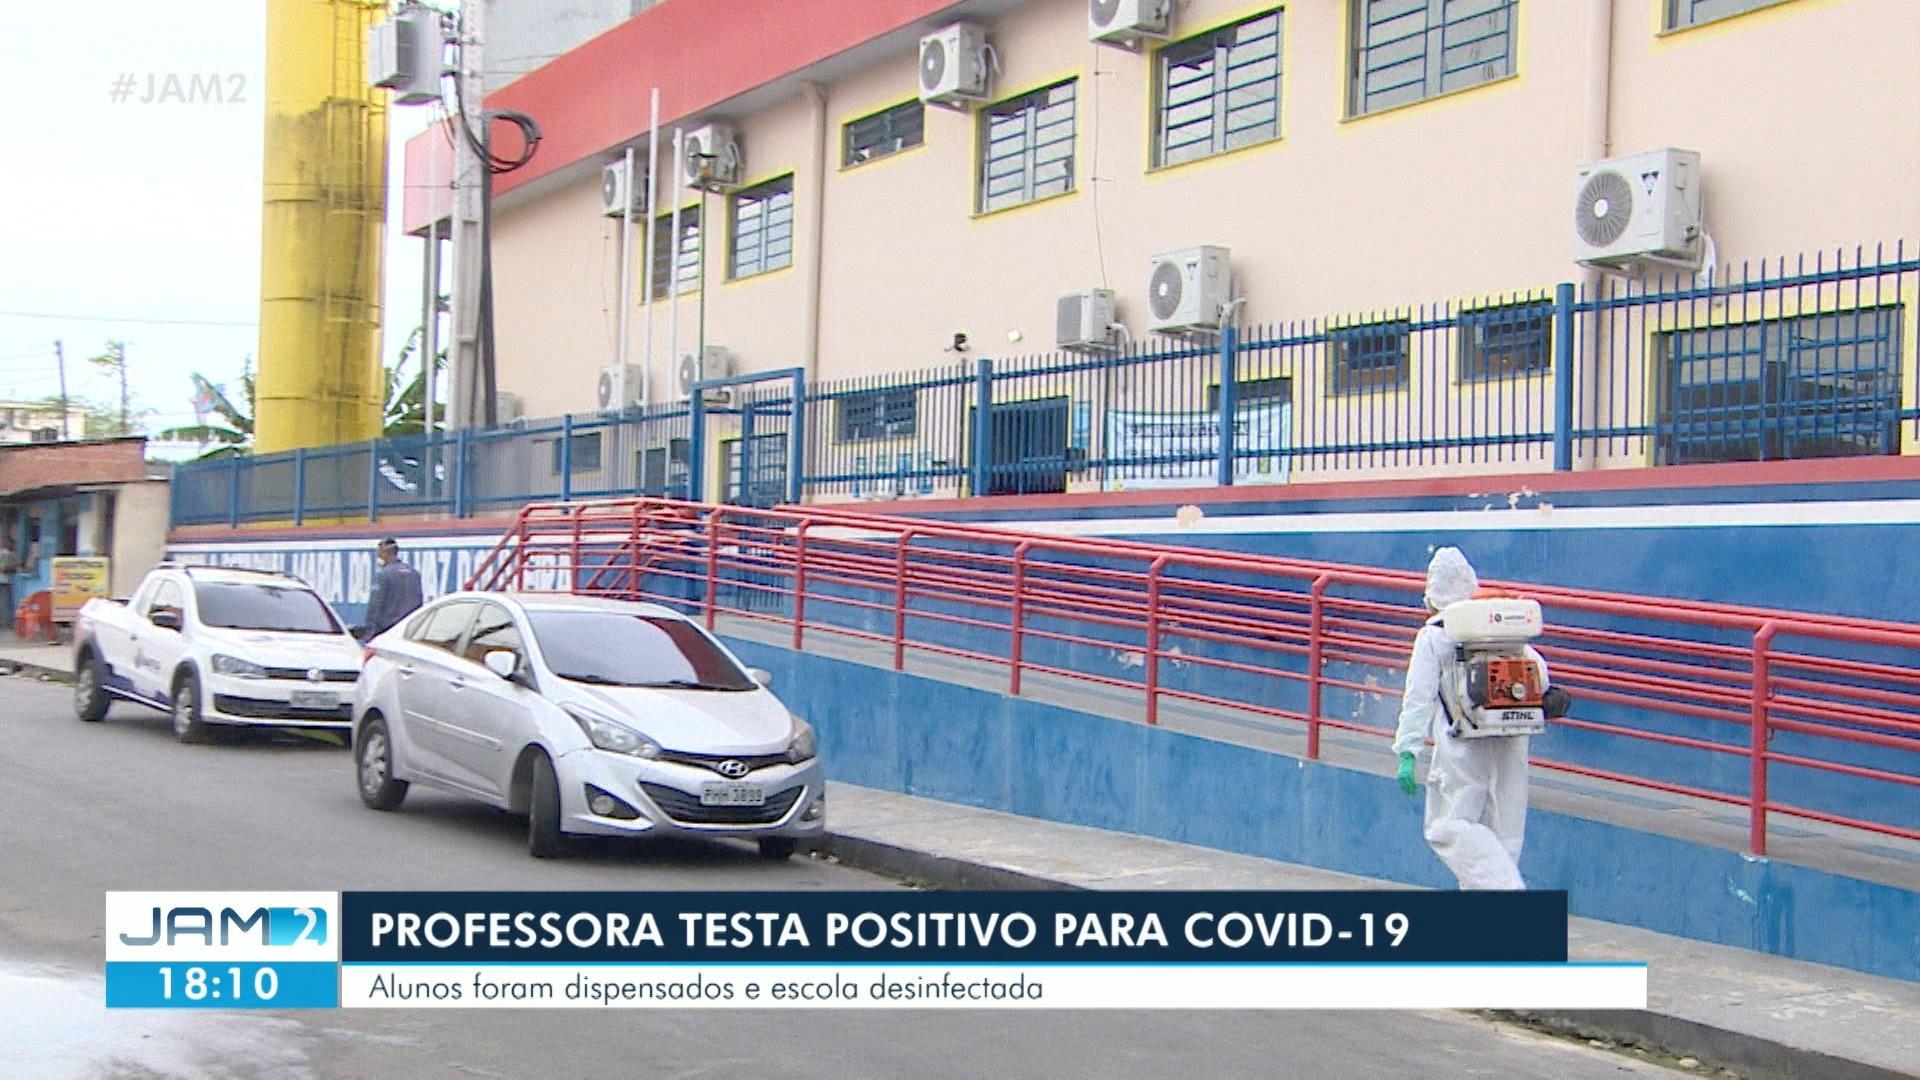 VÍDEOS: Professora testa positivo para Covid-19 em Manaus e escola é esvaziada; veja destaques do JAM 2